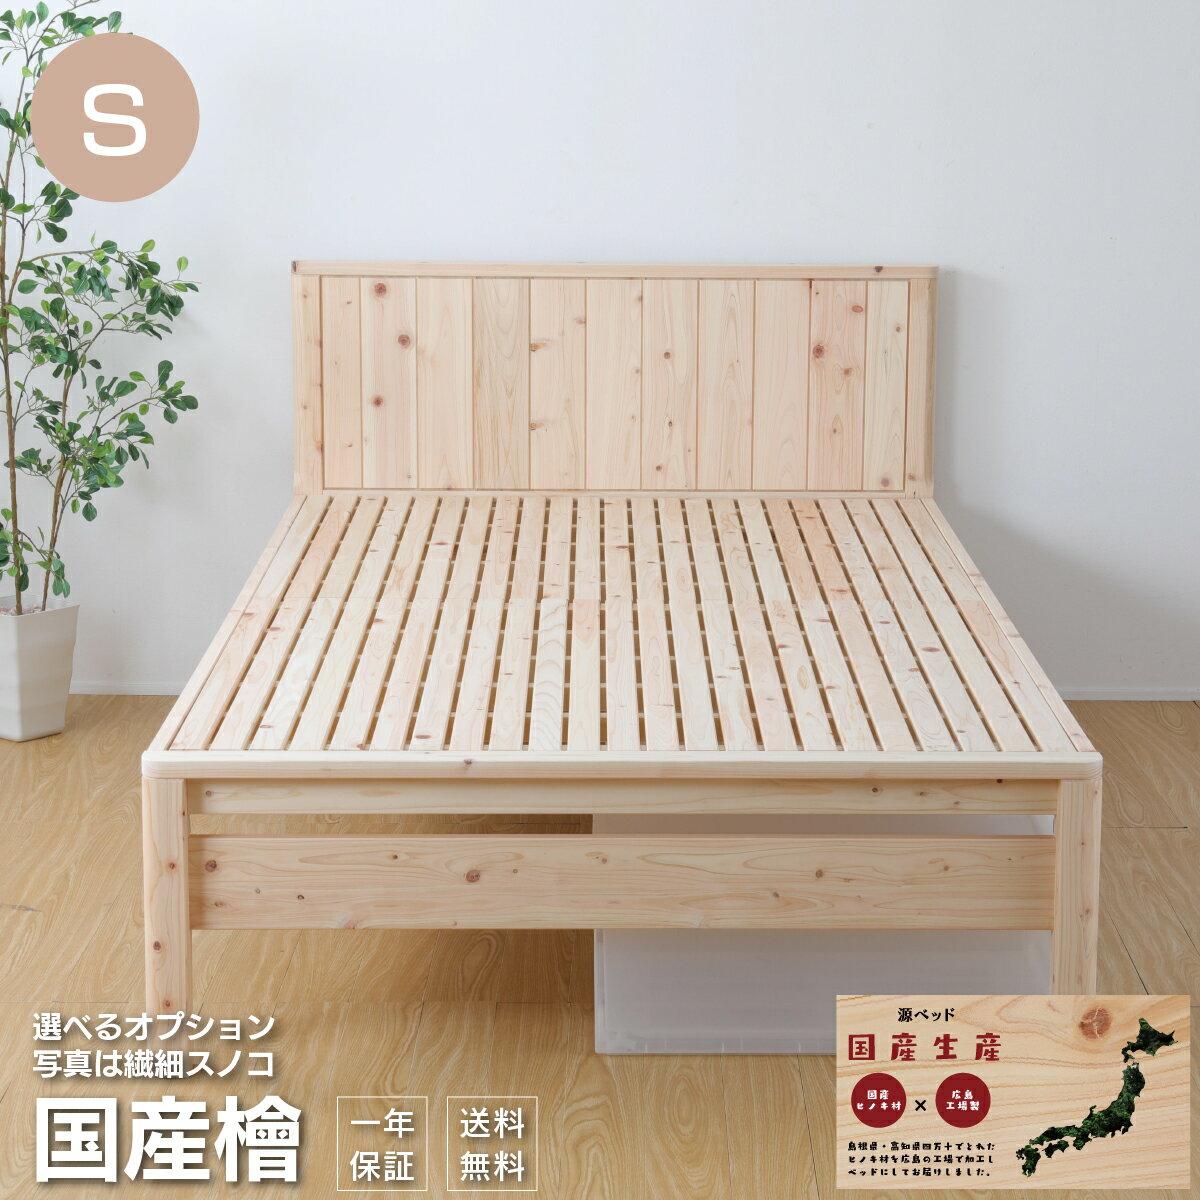 曲面加工 ひのきベッド シングル 並べて使えるベッド ヒノキすのこベッド すのこベッド 日本製 国産 フレームのみ ベッド ベッドフレーム 高さ調節 シングルベッド 檜 桧 低ホルムアルデヒド シンプル 1年保証付き